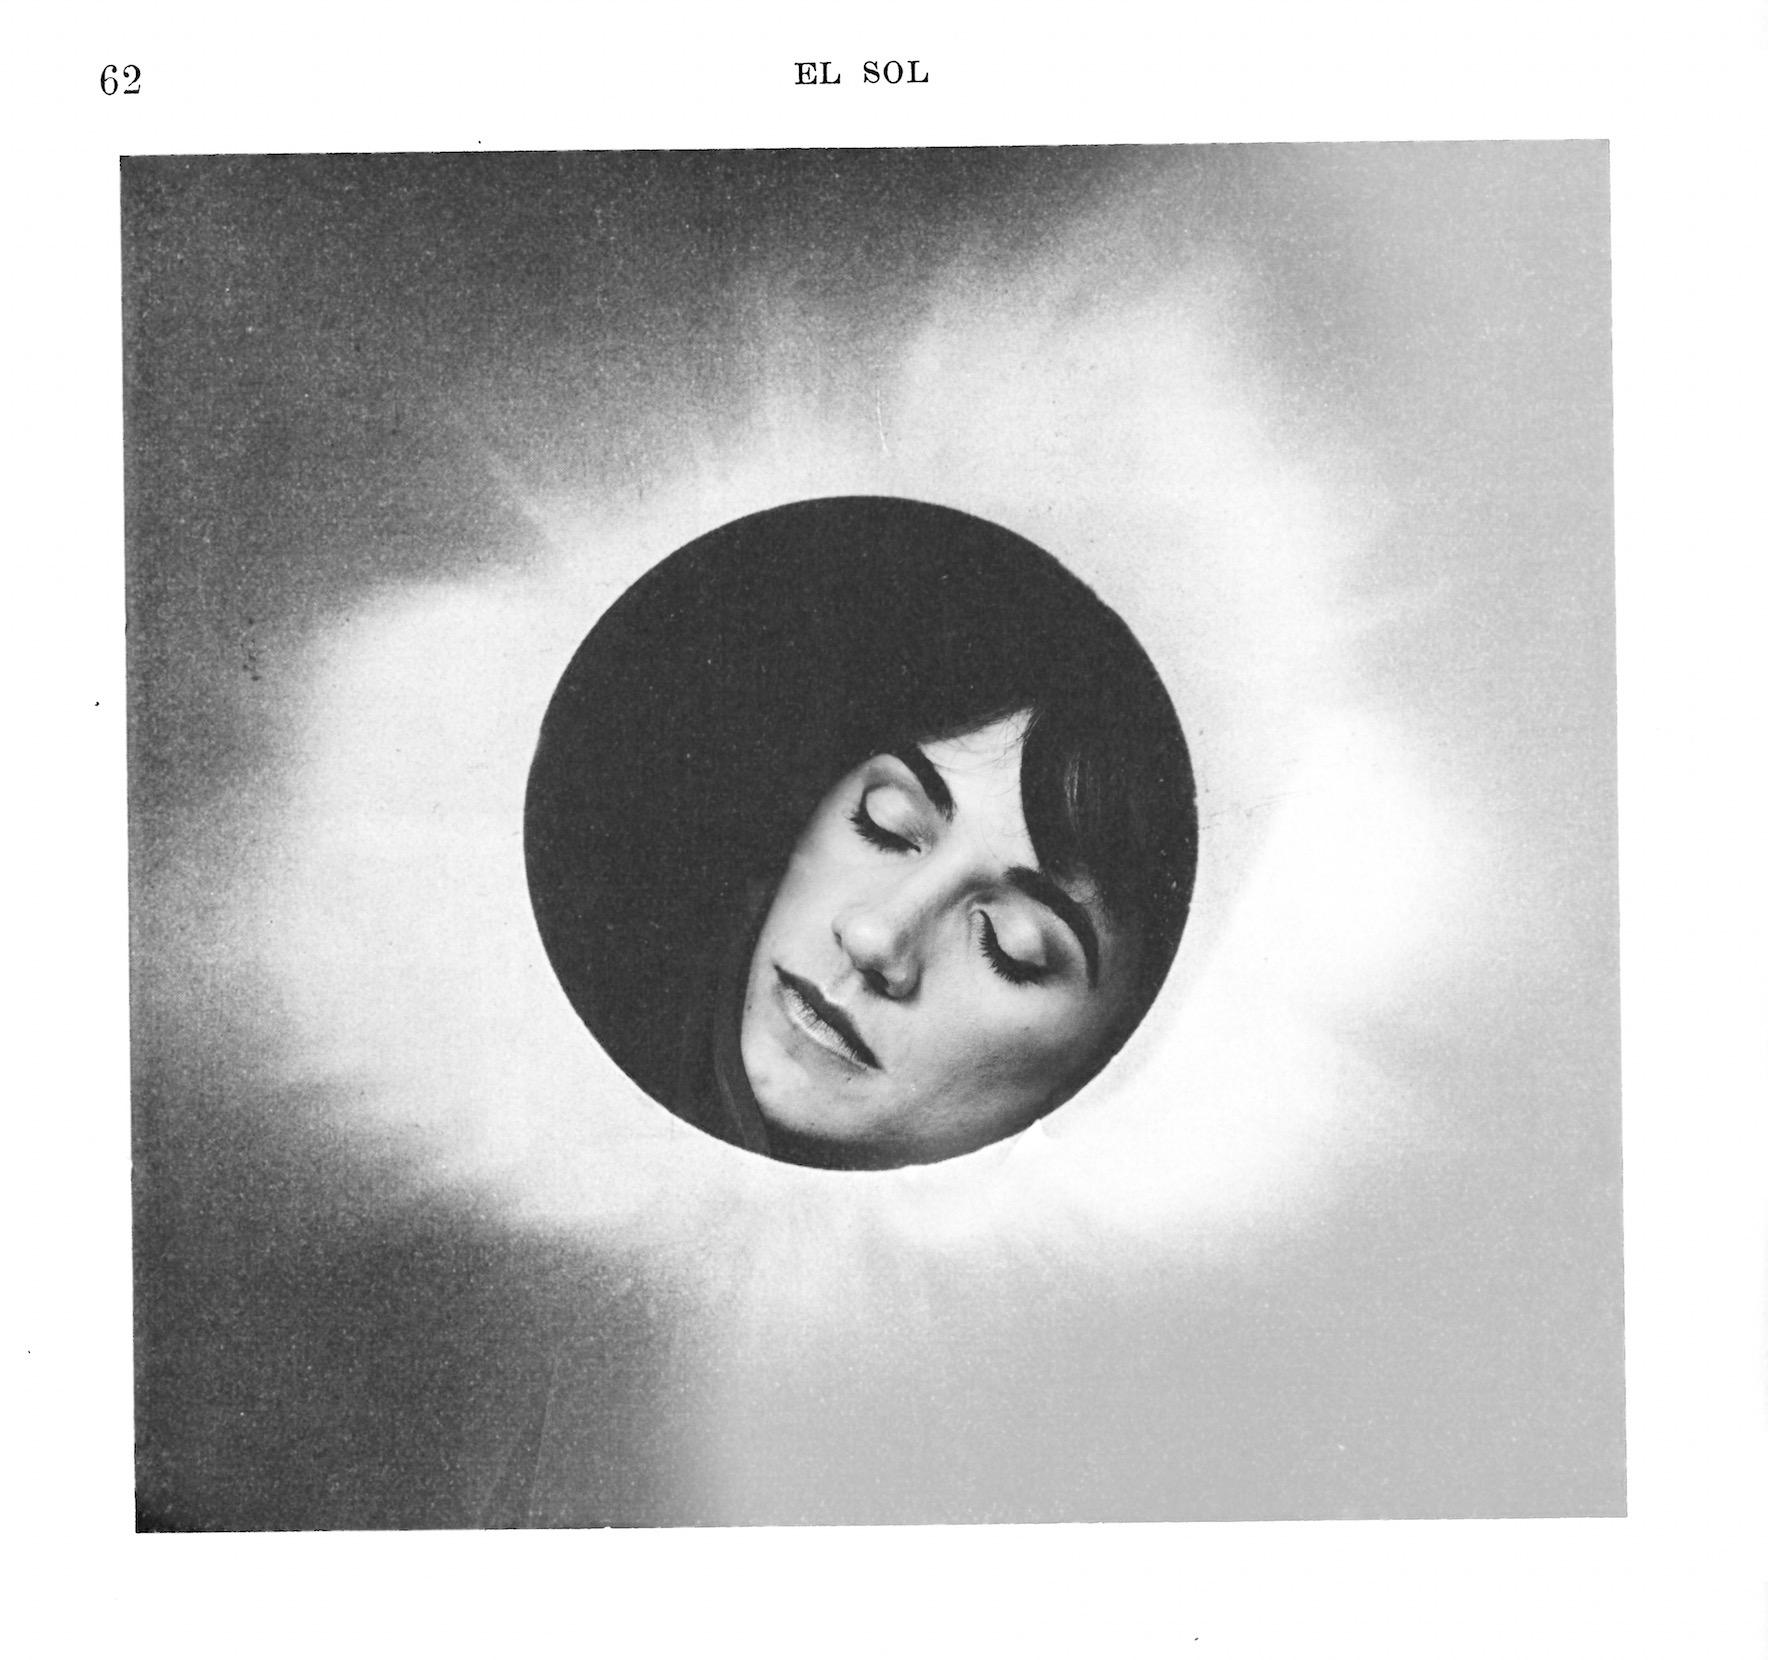 Maria Rodés  Fui A Buscar El Sol